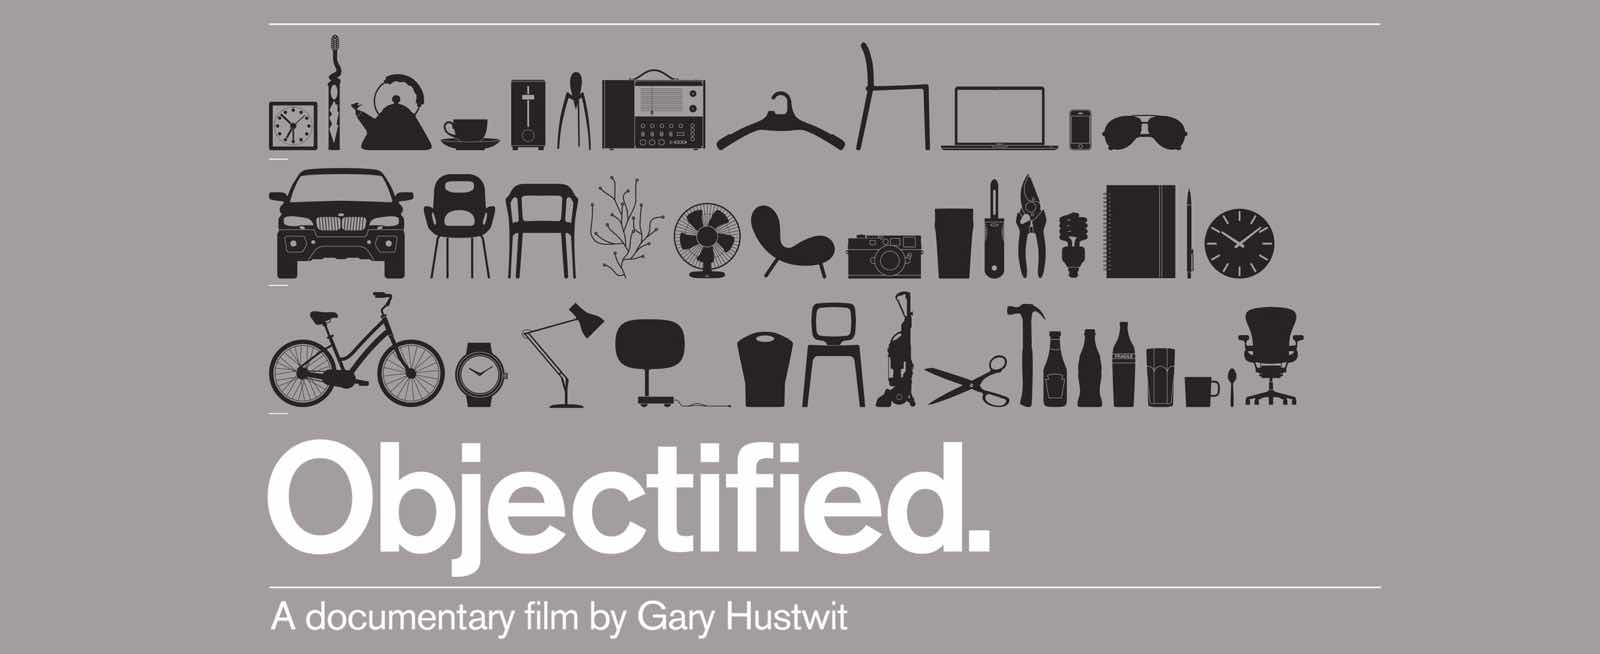 affiche objectified gary hustwit